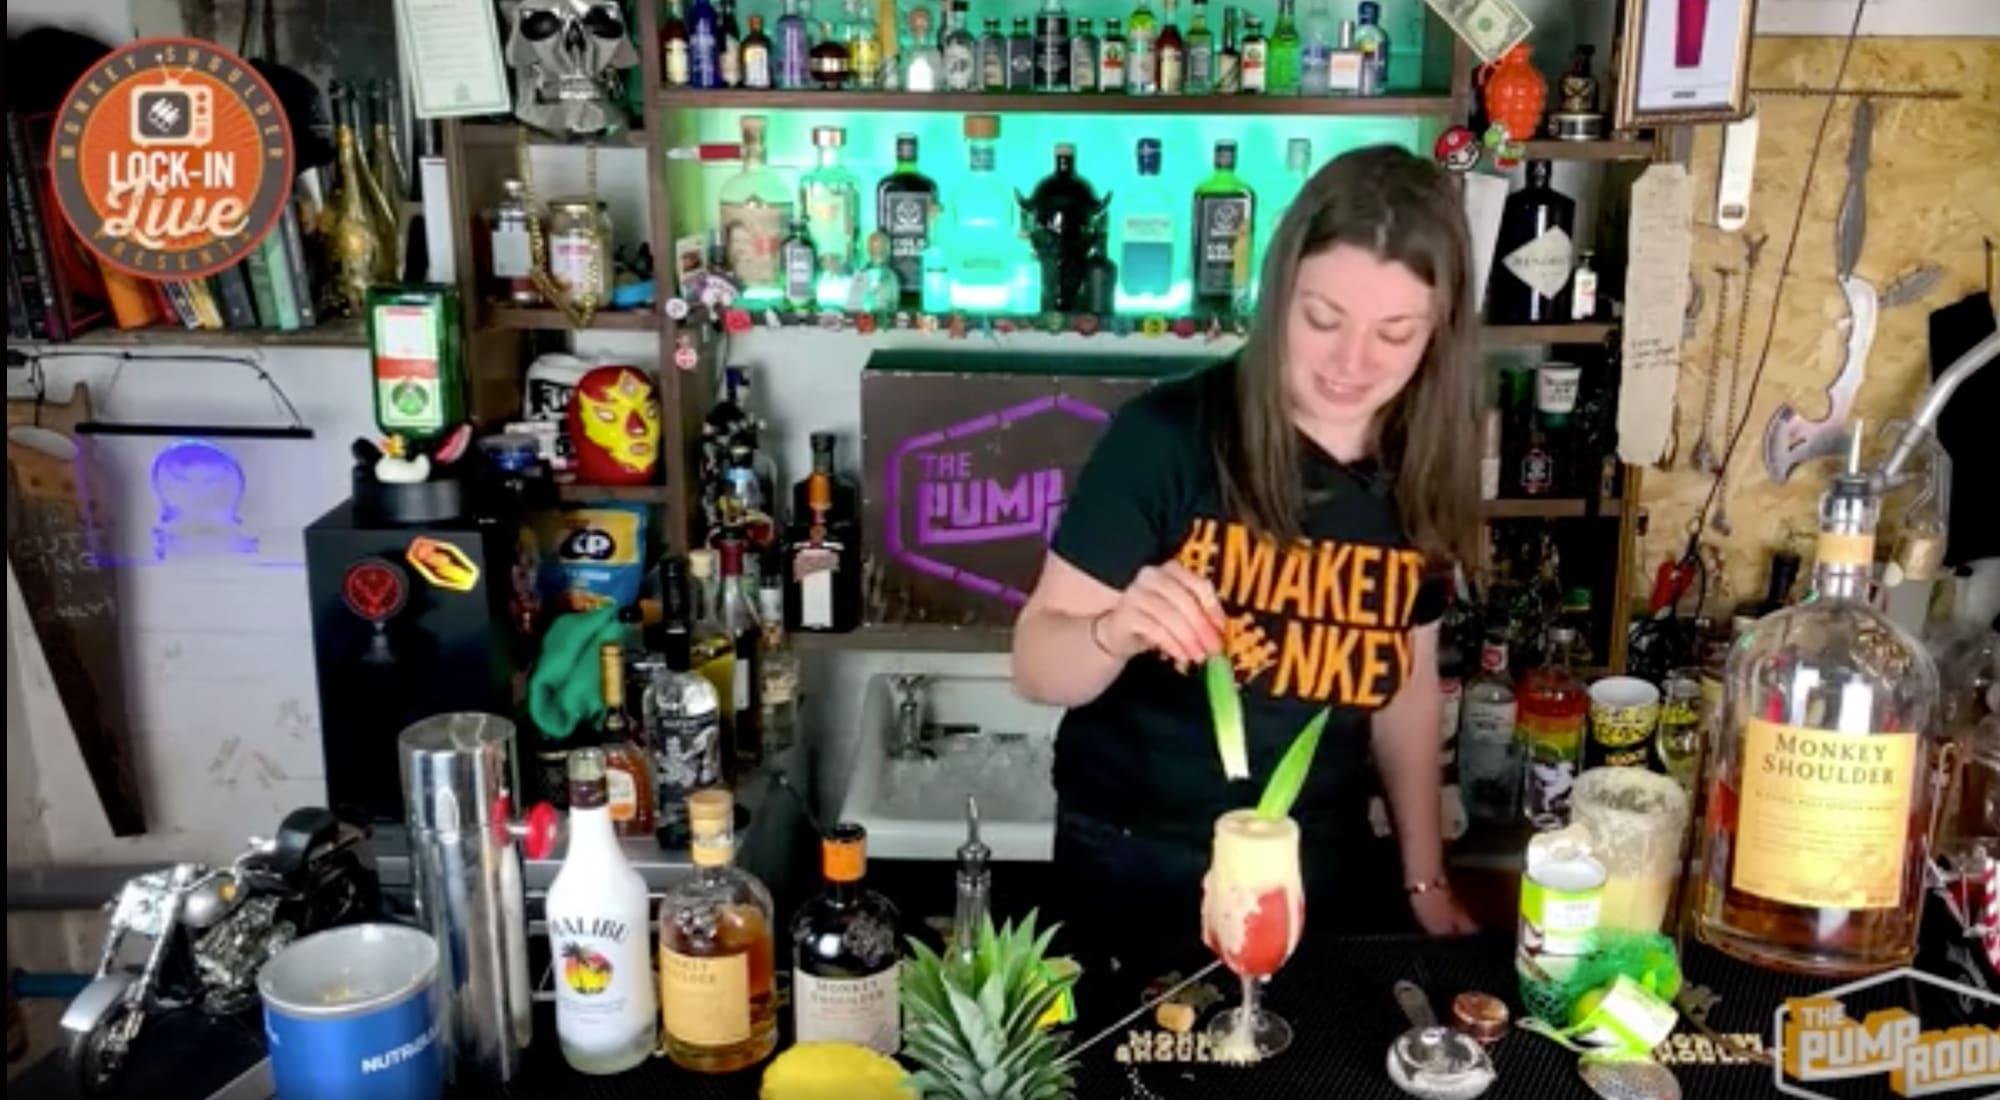 Monkey Shoulder live bar tender